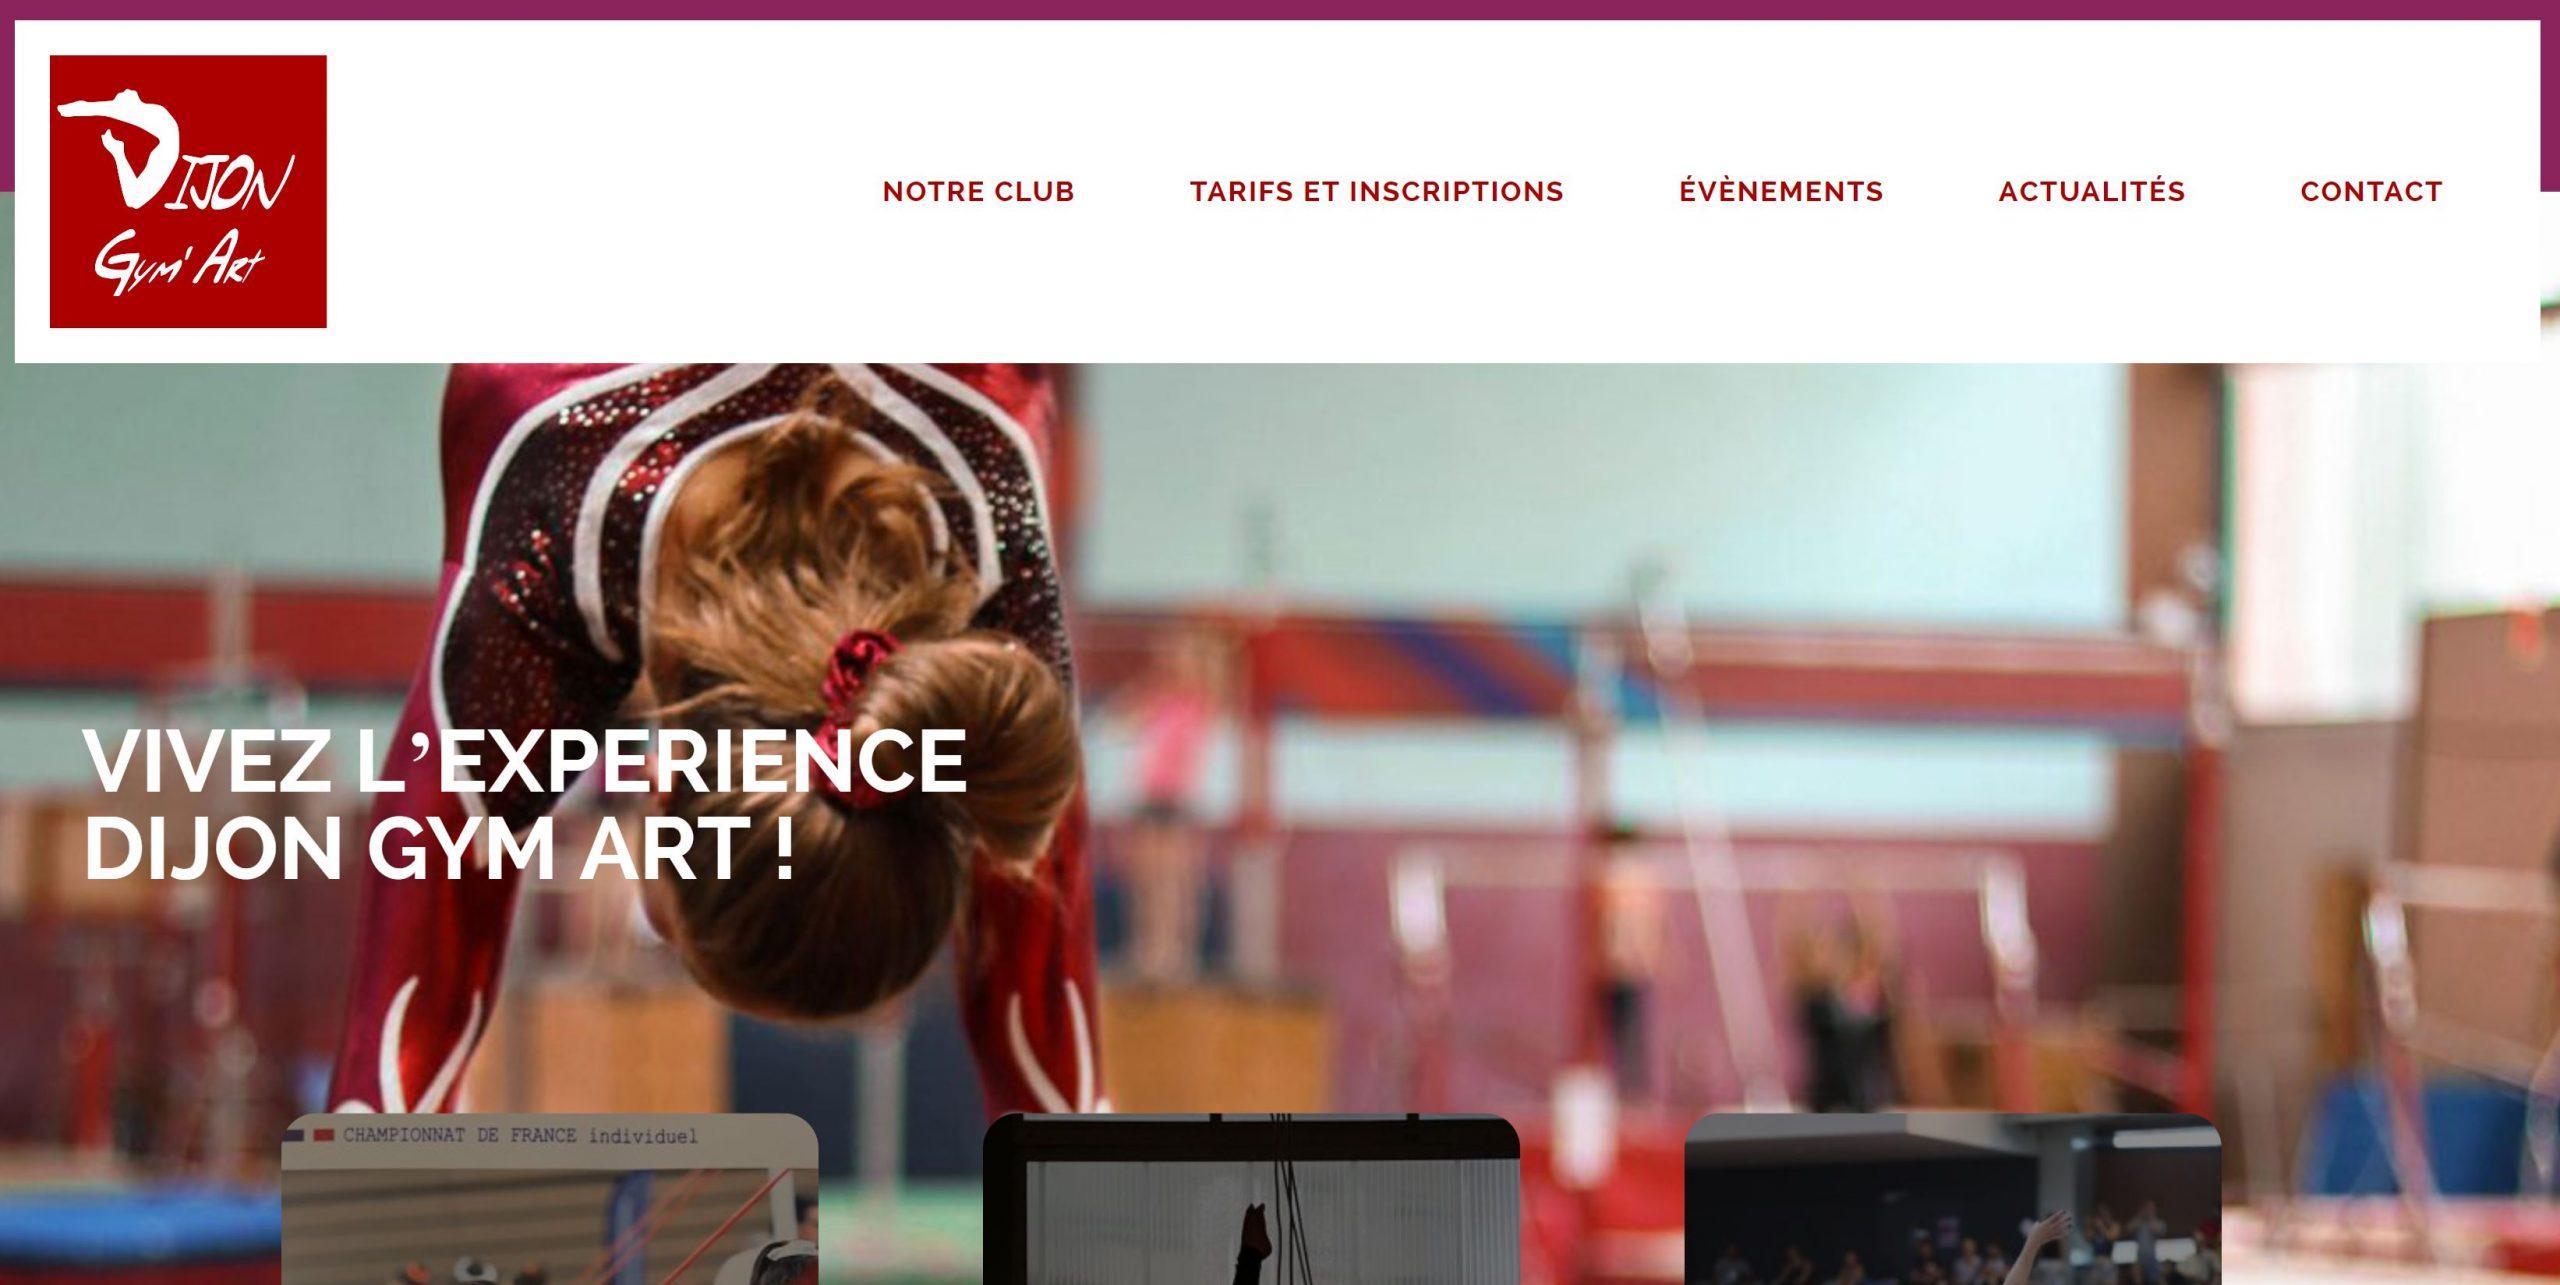 Nouveau site web de Dijon Gym Art